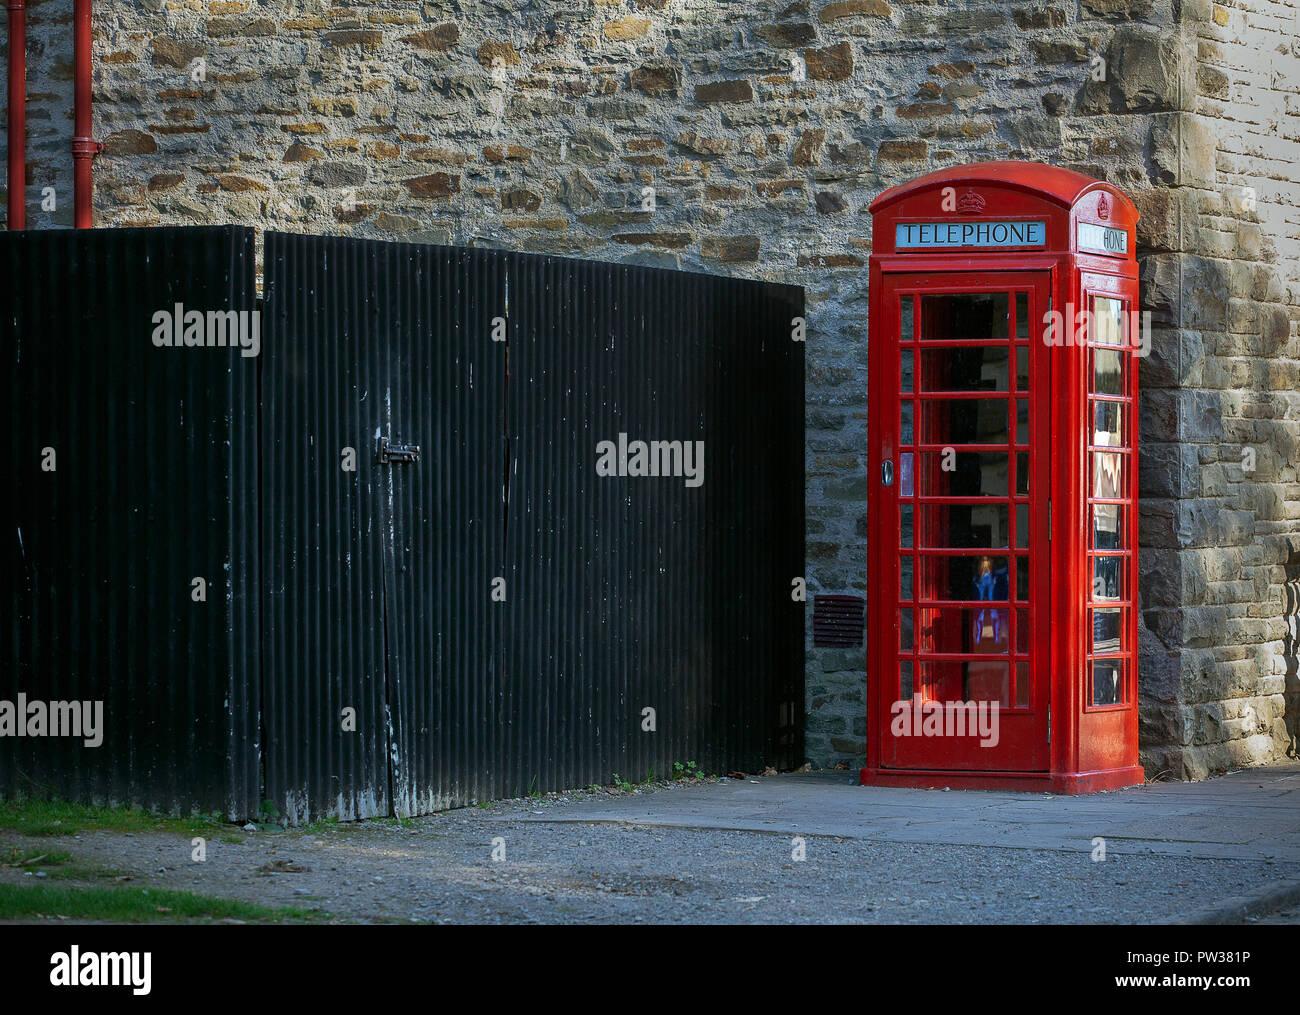 Red British phone box - Stock Image